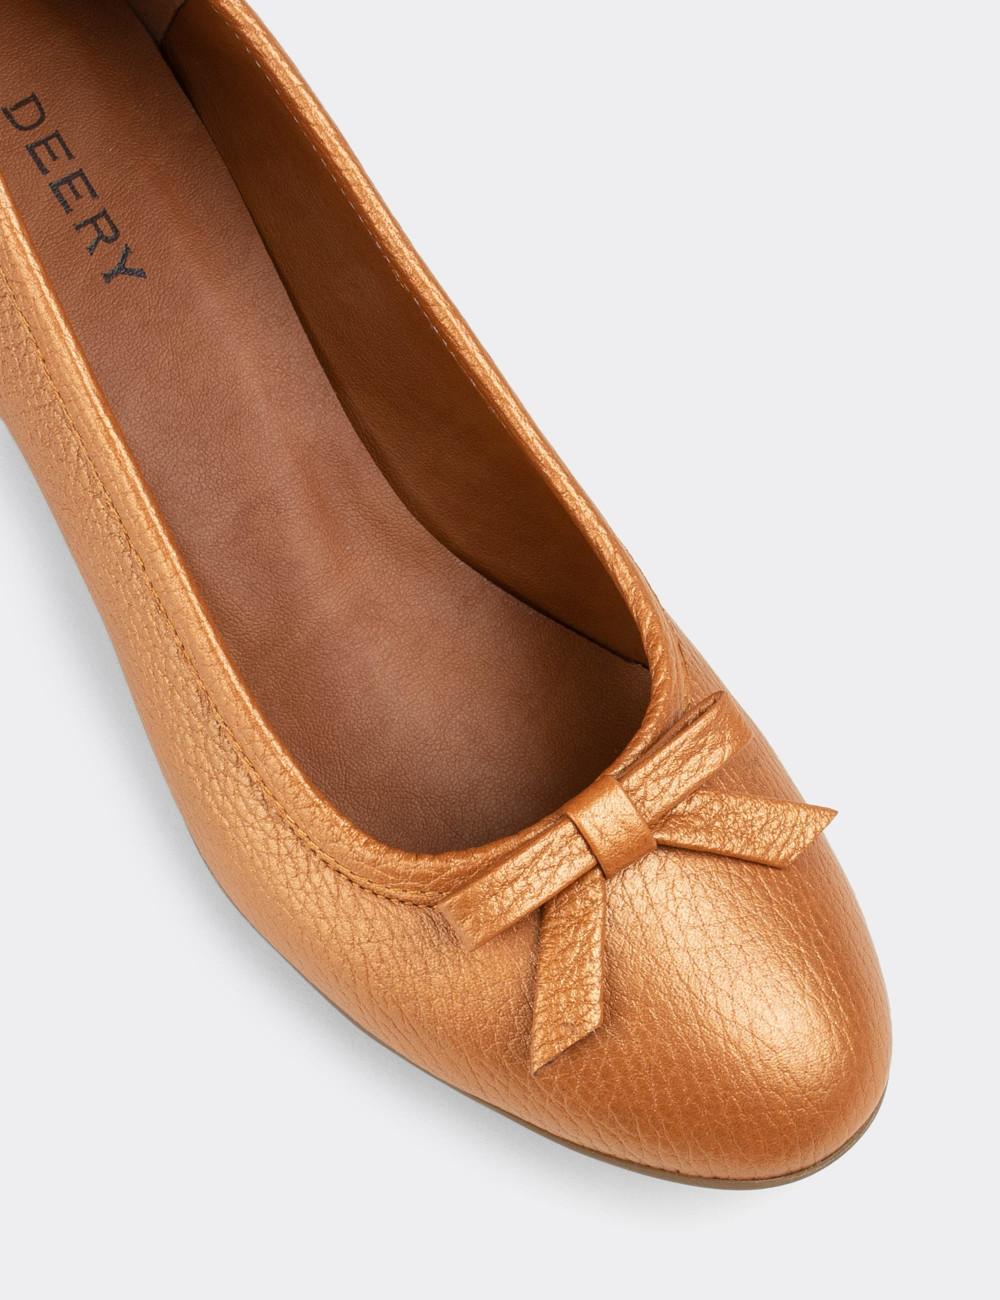 Hakiki Deri Bakır Rengi Günlük Kadın Ayakkabı - E1471ZBKRC01